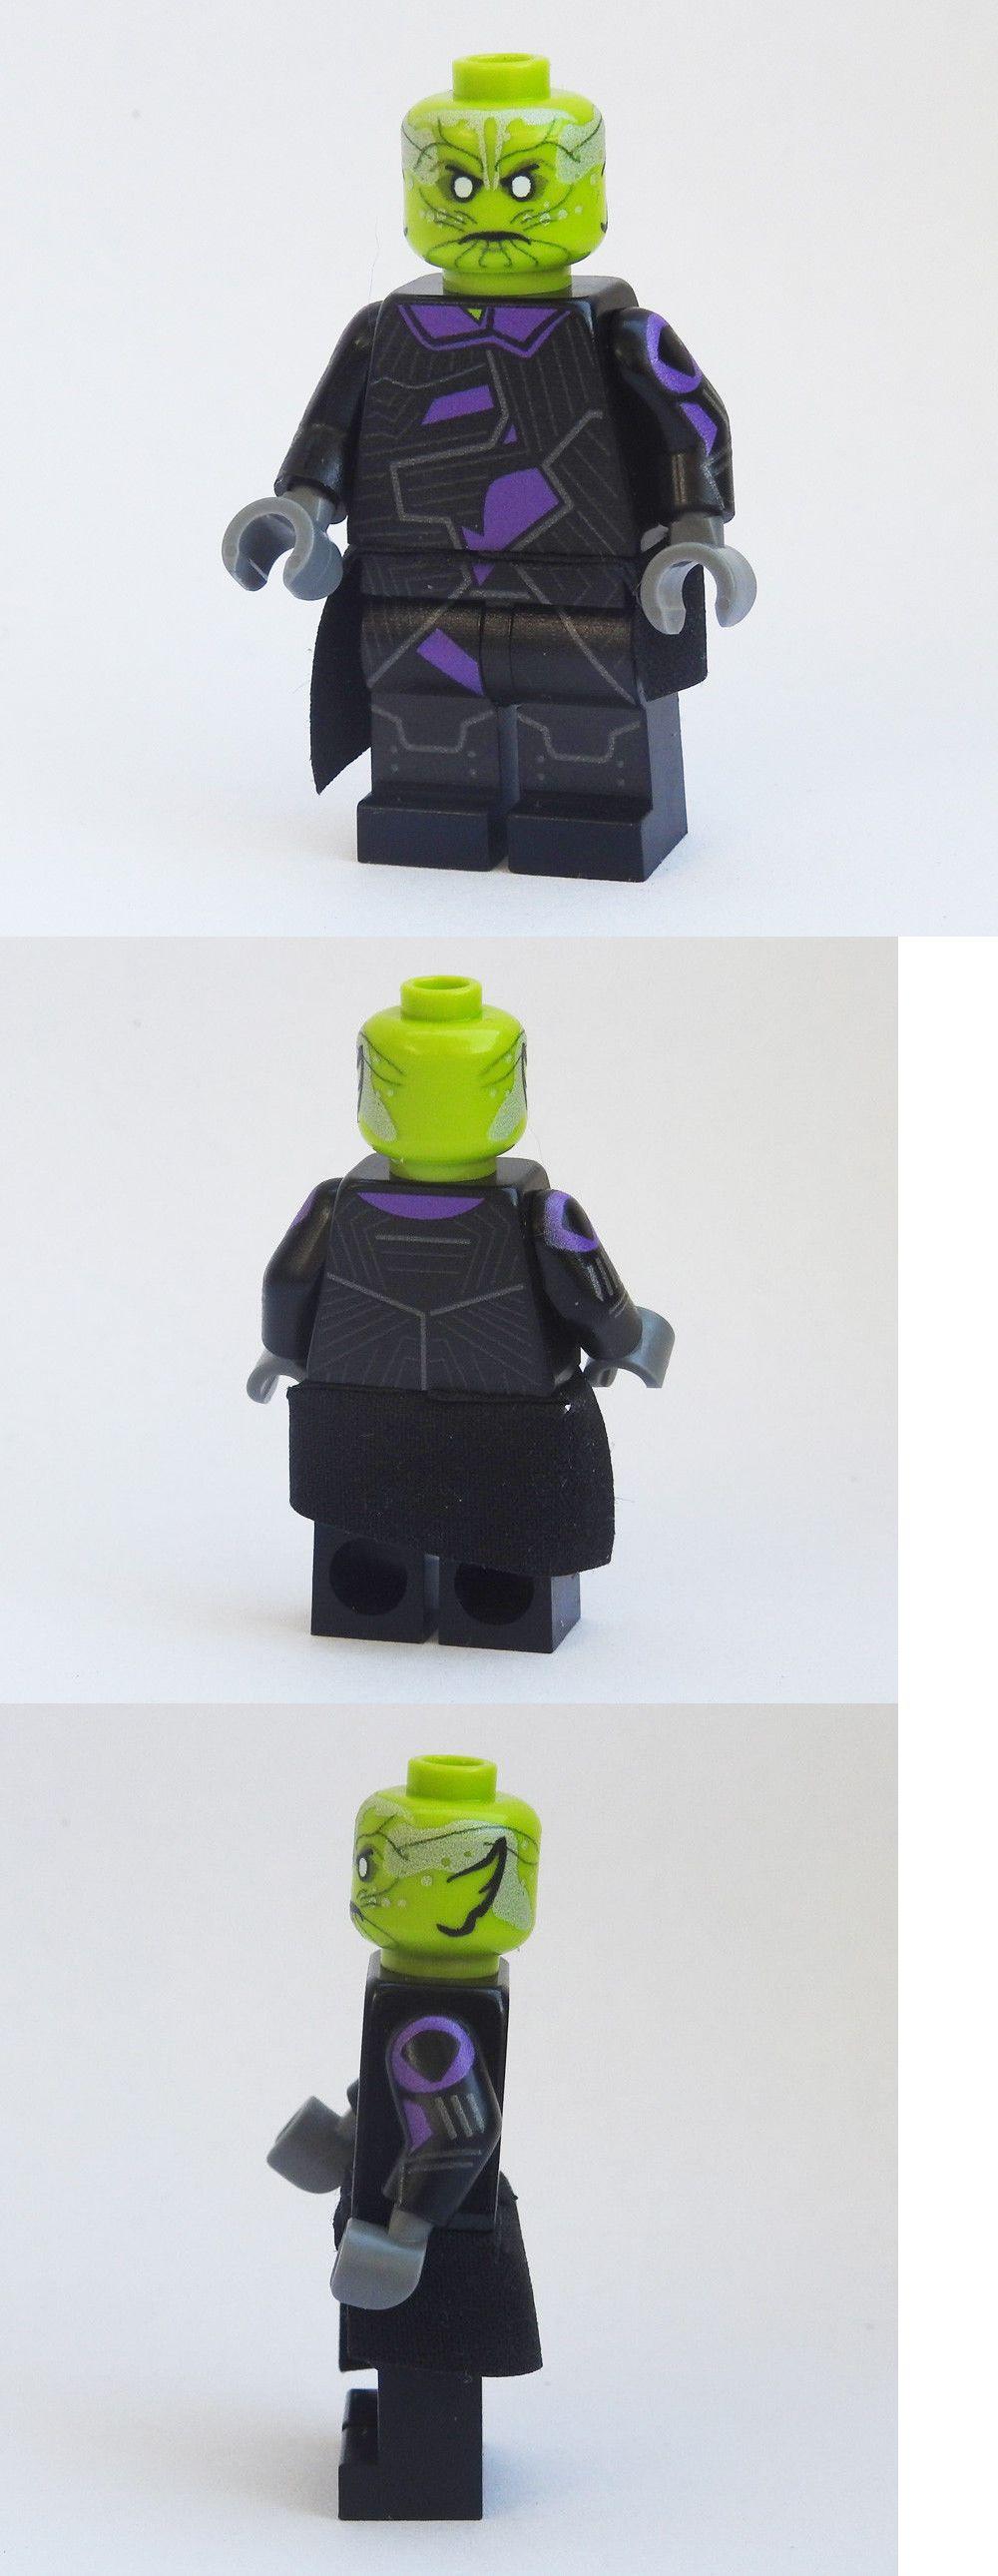 Minn-Erva MCU Custom Marvel Super heroes minifigures Captain on lego bricks